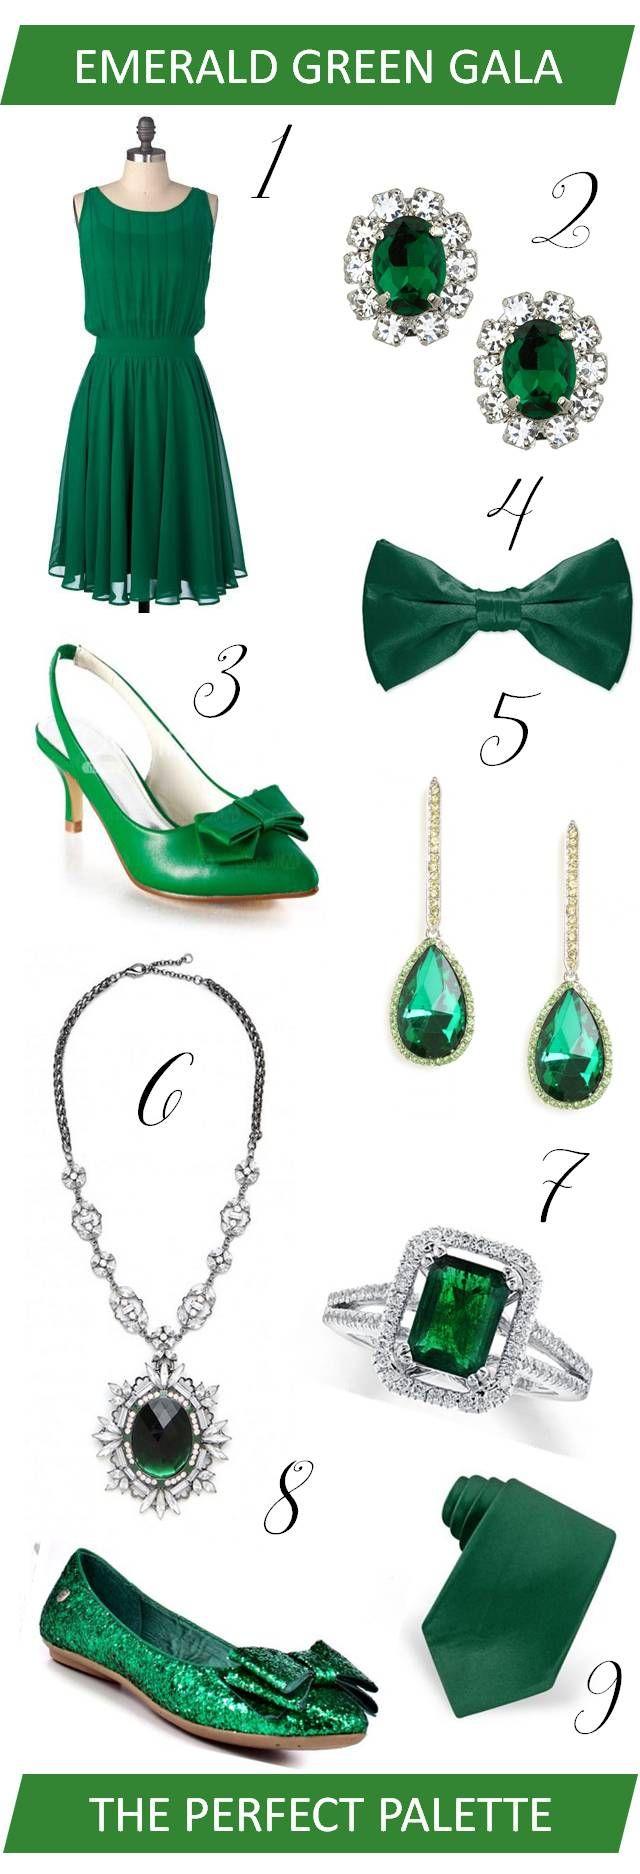 {wedding wardrobe}: emerald green gala http://www.theperfectpalette.com/2013/01/wedding-wardrobe-emerald-green-gala.html